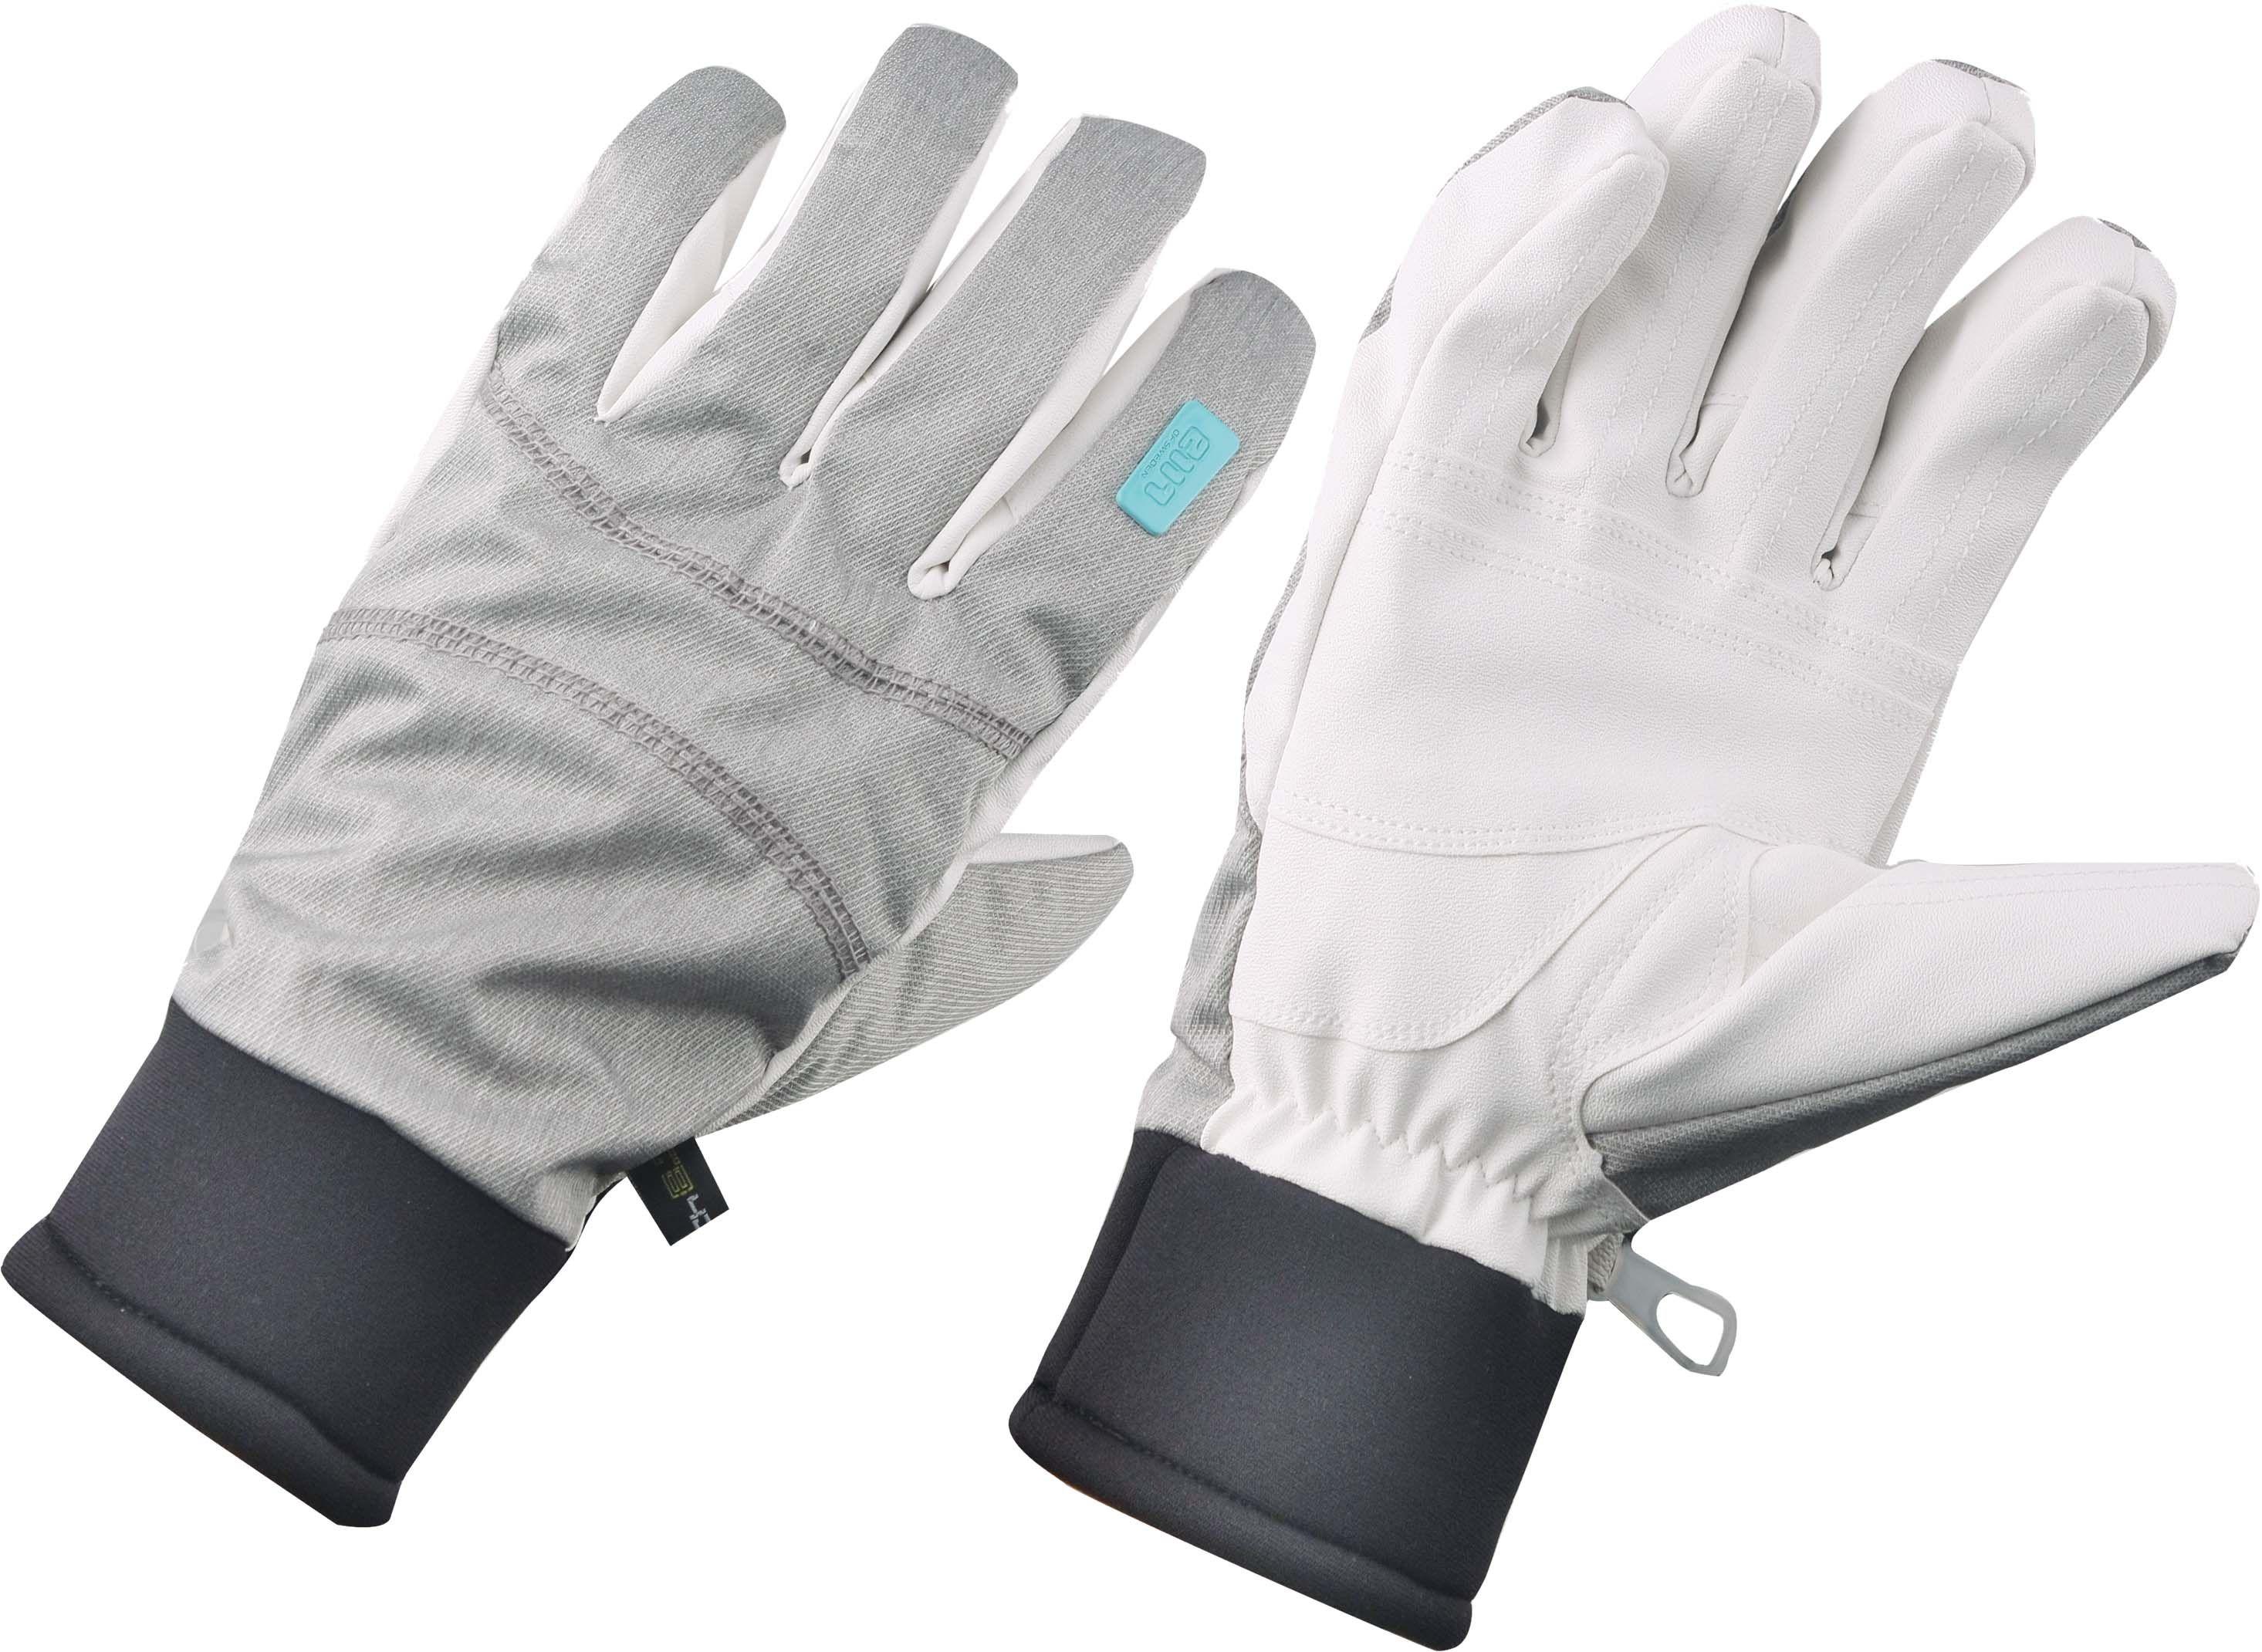 2117 sweden glove